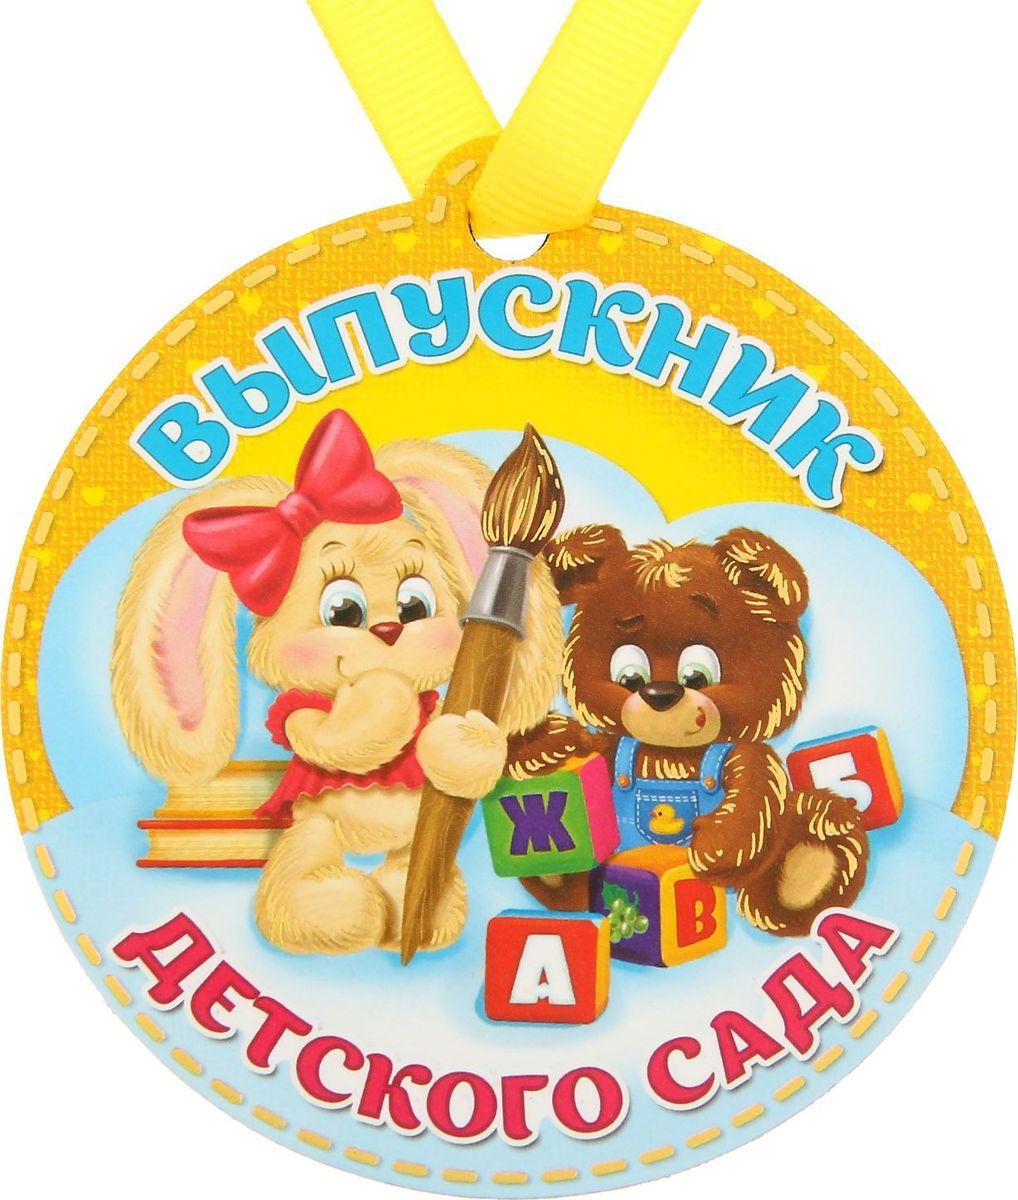 Медаль-магнит сувенирная Выпускник детского сада, 8,5 х 9,2 см. 12217211221721Медаль-магнит — чудесный памятный сувенир. Медаль дополнена яркой лентой, благодаря которой её сразу же можно надеть на счастливого адресата. После торжества магнит легко разместить на любой металлической поверхности, например на холодильнике, где почётная награда будет радовать вас каждый день и не останется незамеченной. Медаль преподносится на красочной подложке, где написаны тёплые слова в адрес награждаемого.